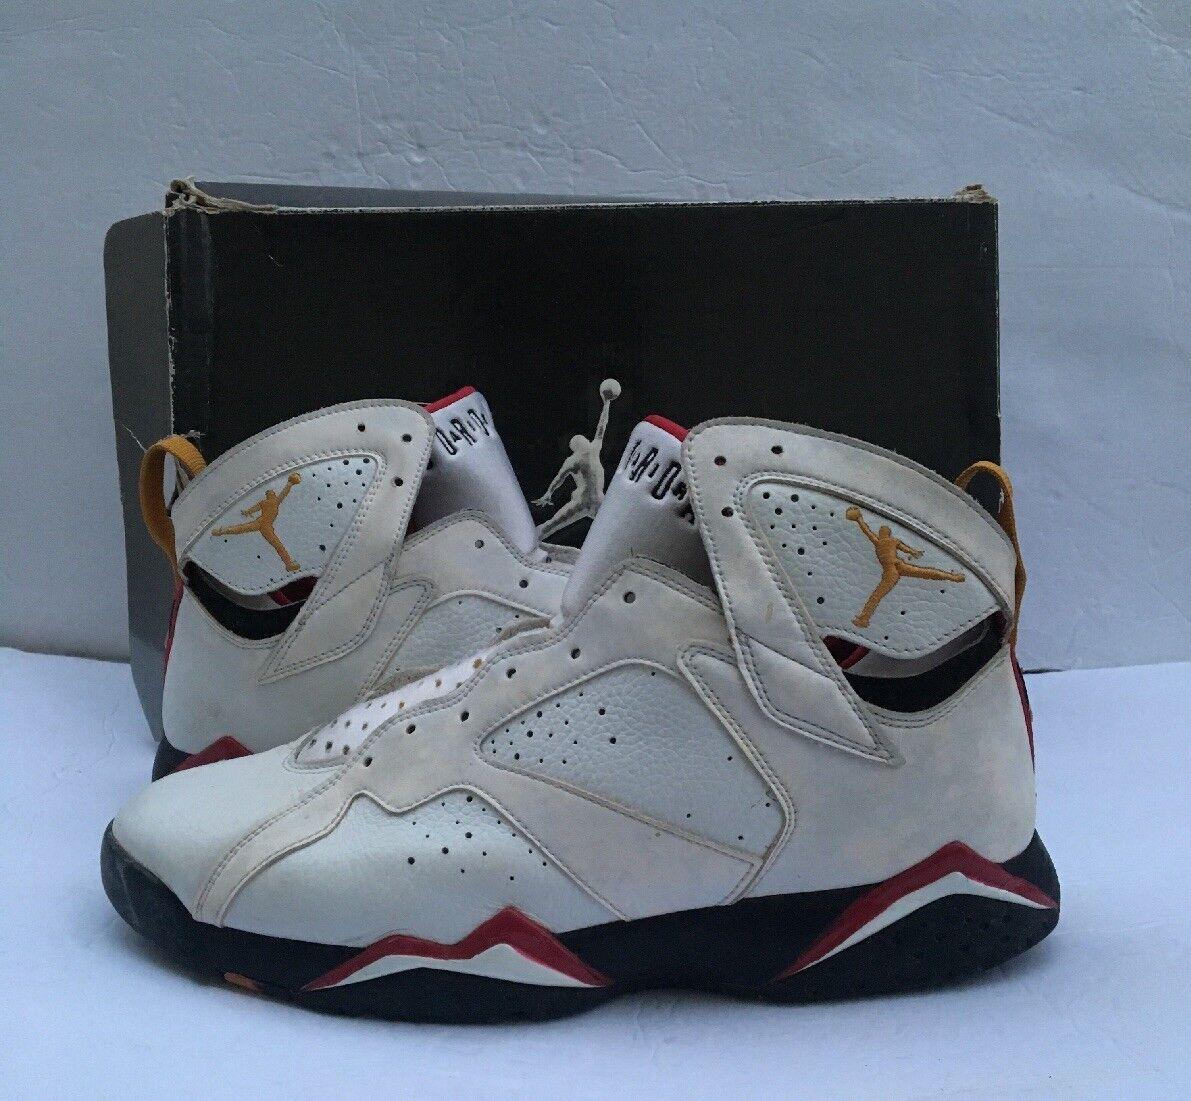 Jordan 7 Cardinal blancoo Air Bronce cardenal Negro 10.5 2007 304775 -101